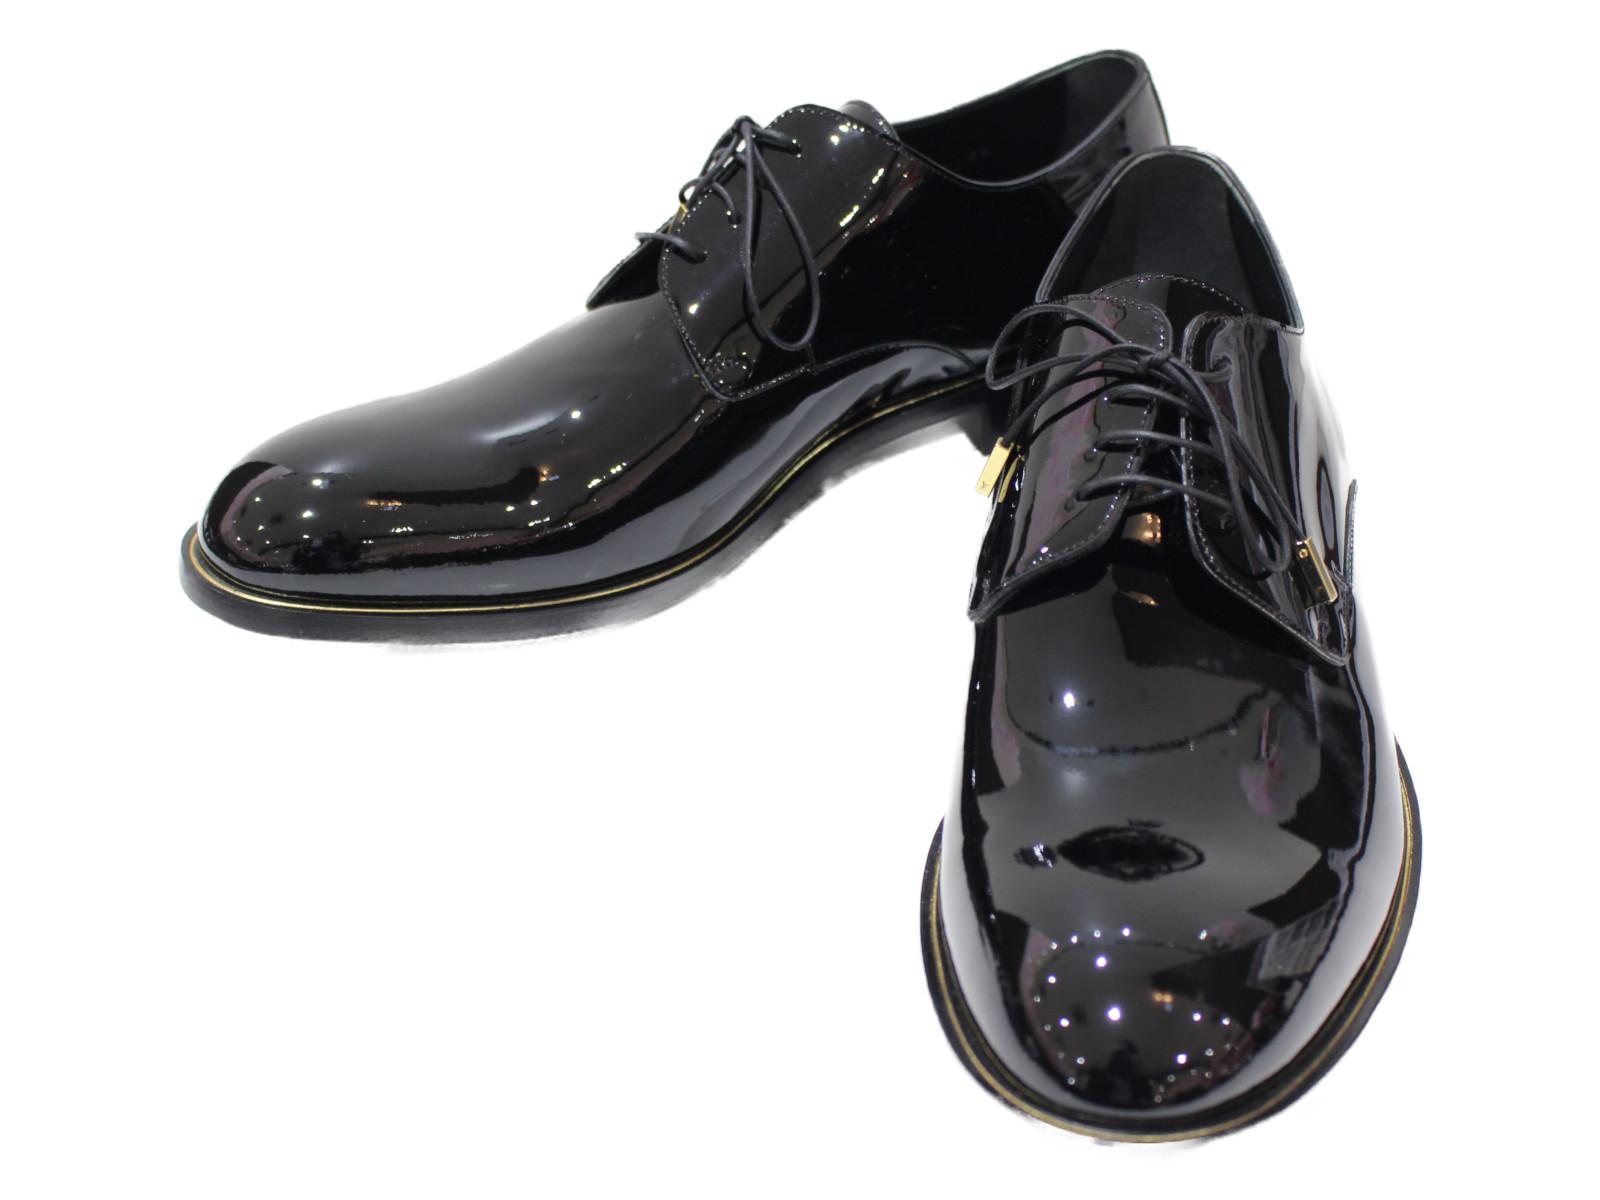 【☆未使用品☆】【箱・布袋あり】【レア商品】LOUIS VUITTON ラインダービー レザー ブラック メンズ 靴 革靴 プレゼント包装【中古】